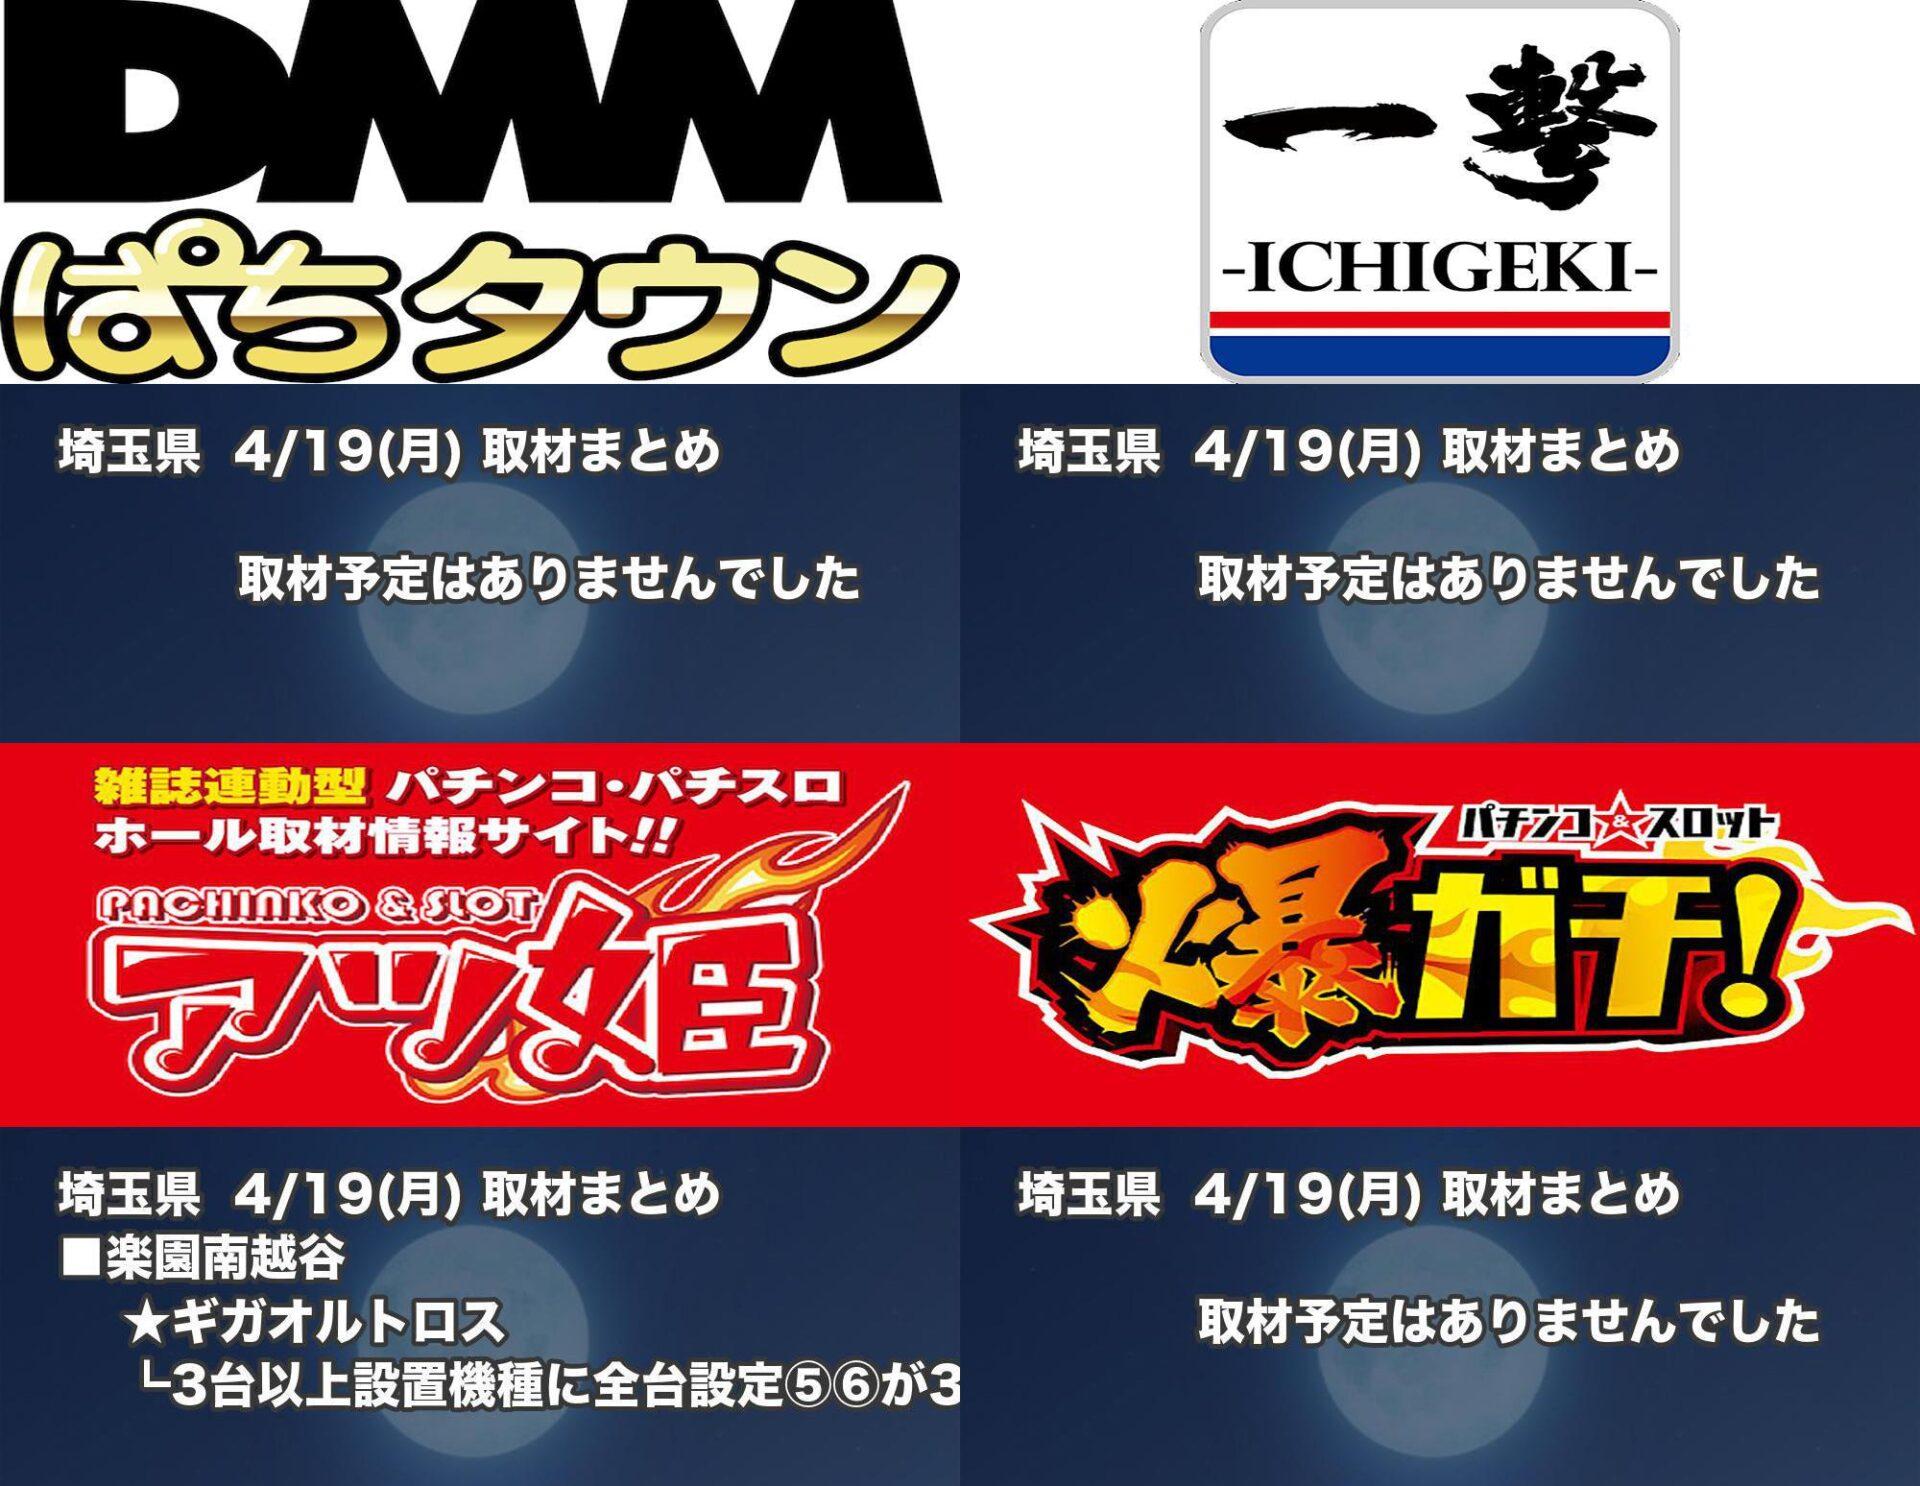 埼玉県_2021-04-19_パチンコ・パチスロ